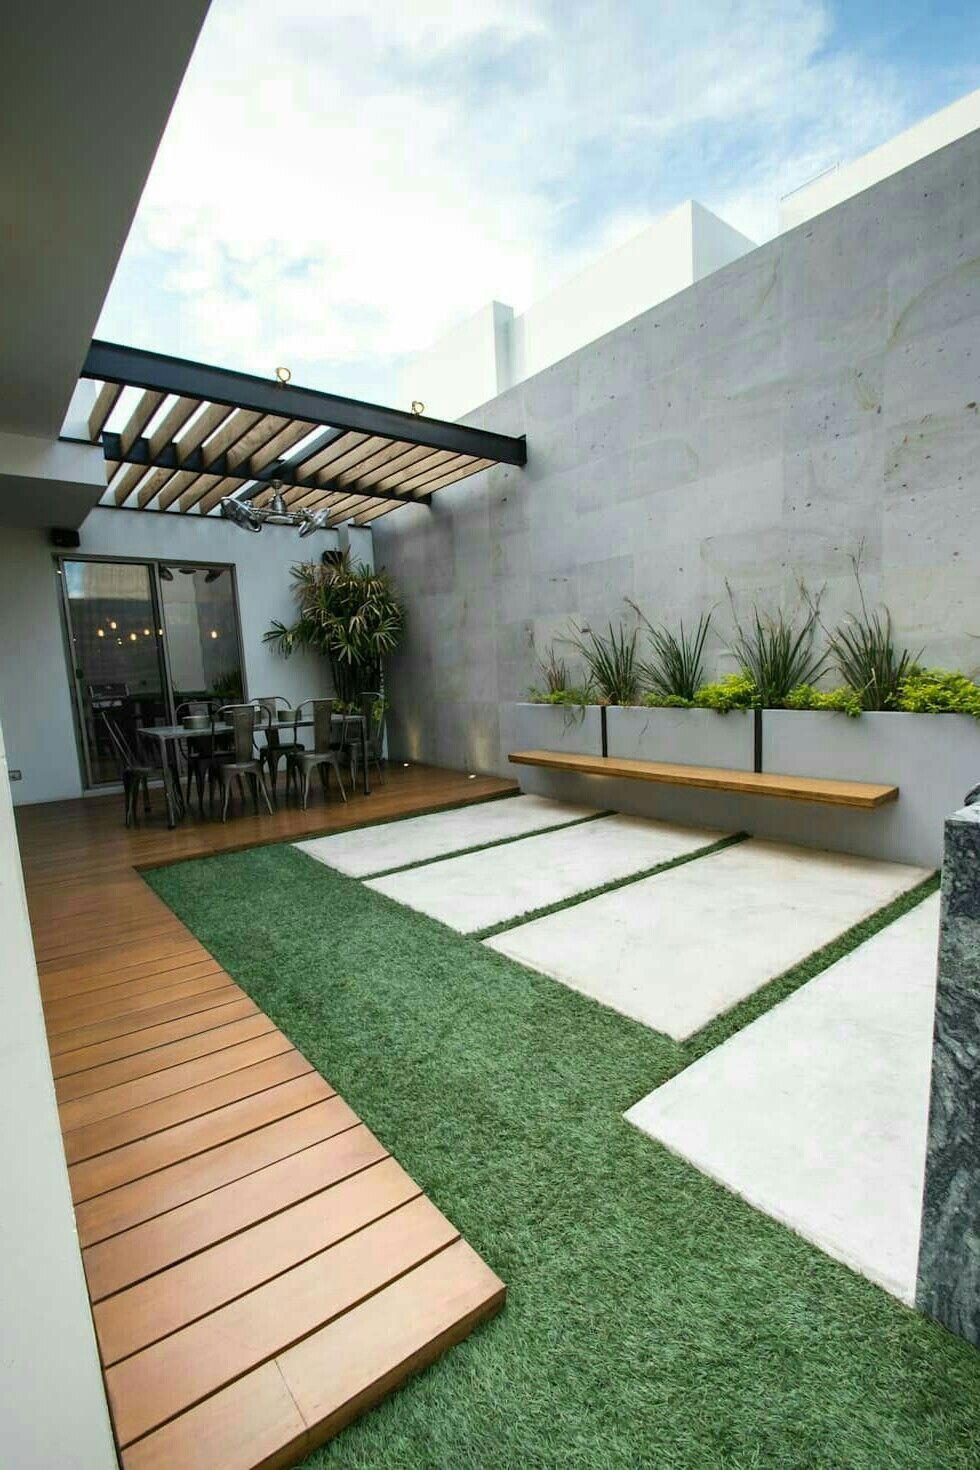 Duplex Courtyard Patios Traseros Dise 241 O De Patio